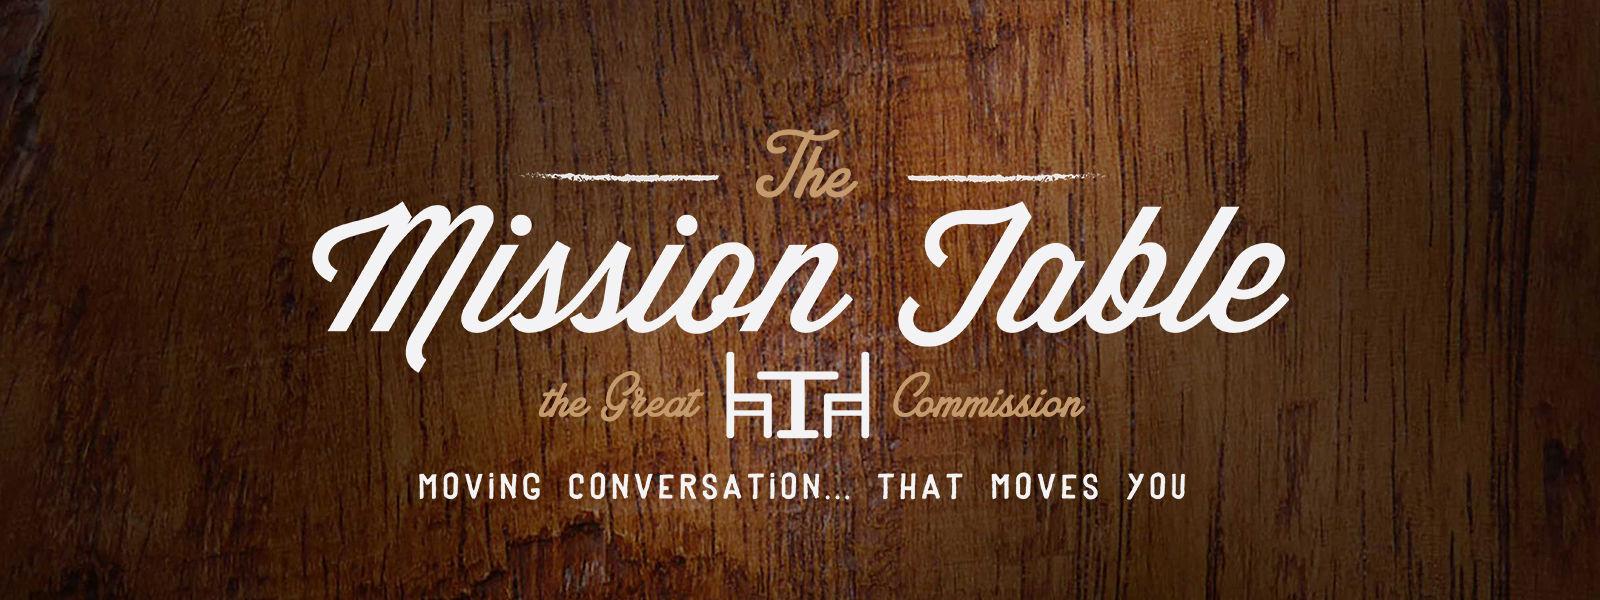 Missions Table Season 1